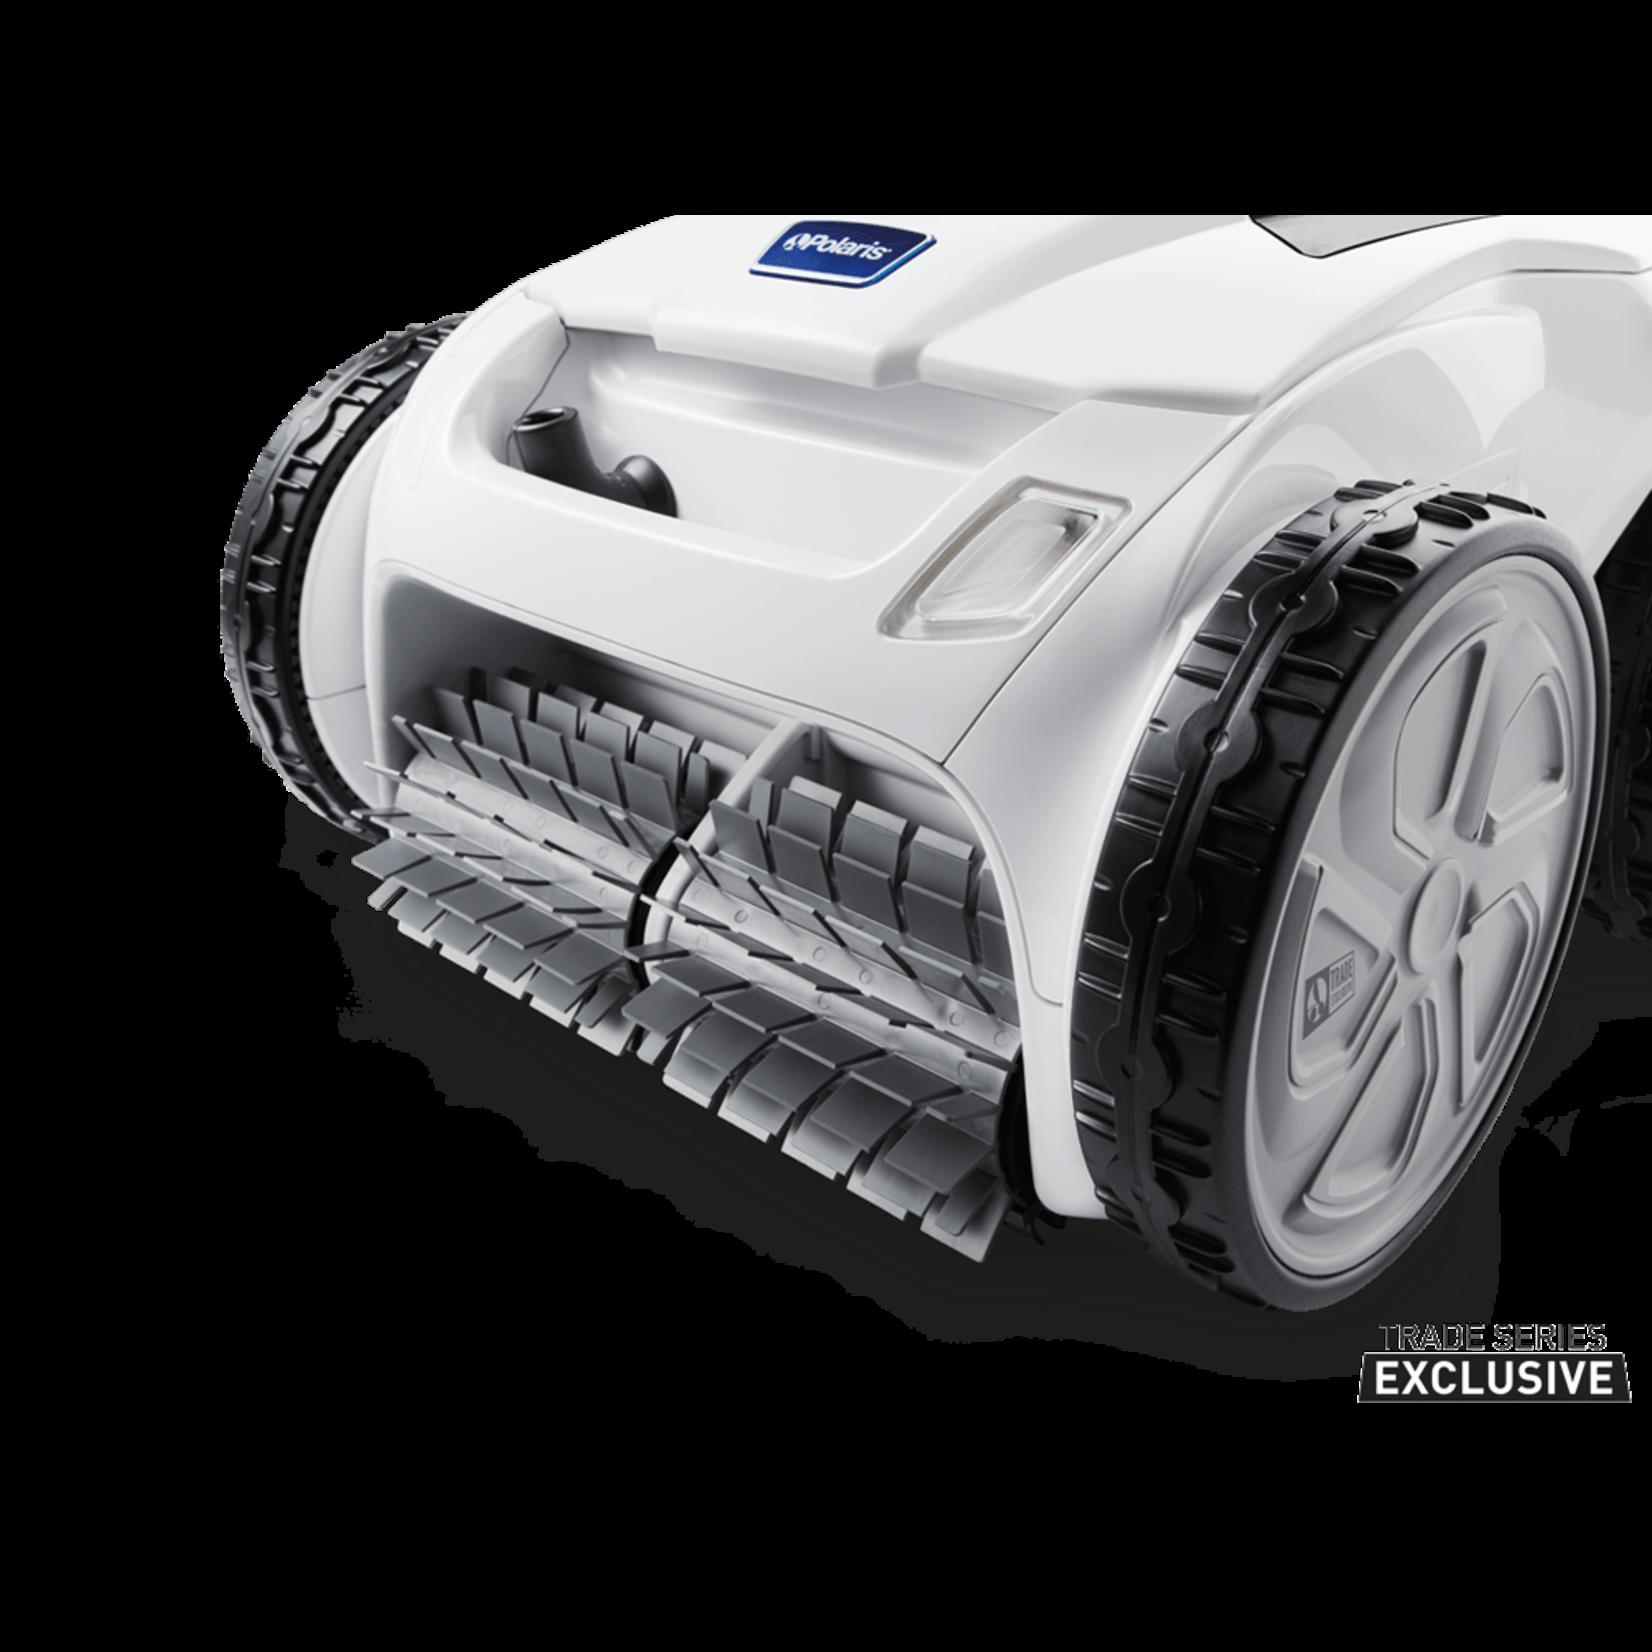 Polaris POLARIS ROBOTIC CLEANER VRX IQ